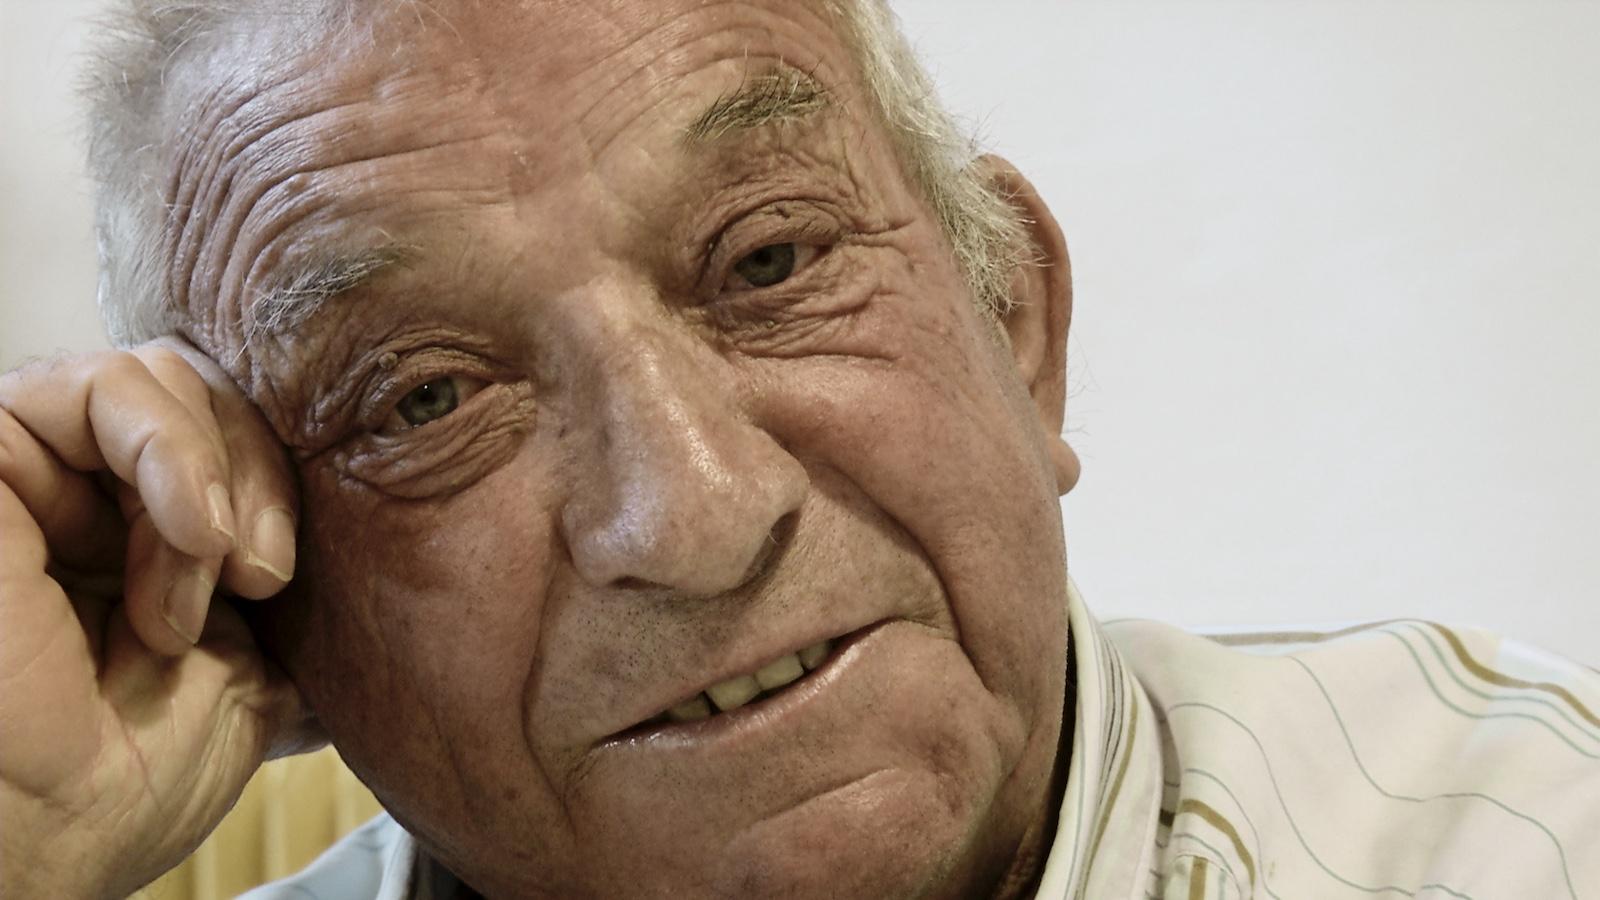 Pierre le dernier mineur d'Escaro. Image du film Le Fond et le Jour, réalisé par Olivier Moulaï, atelier cinéma de territoire, Ciné-Rencontres de Prades